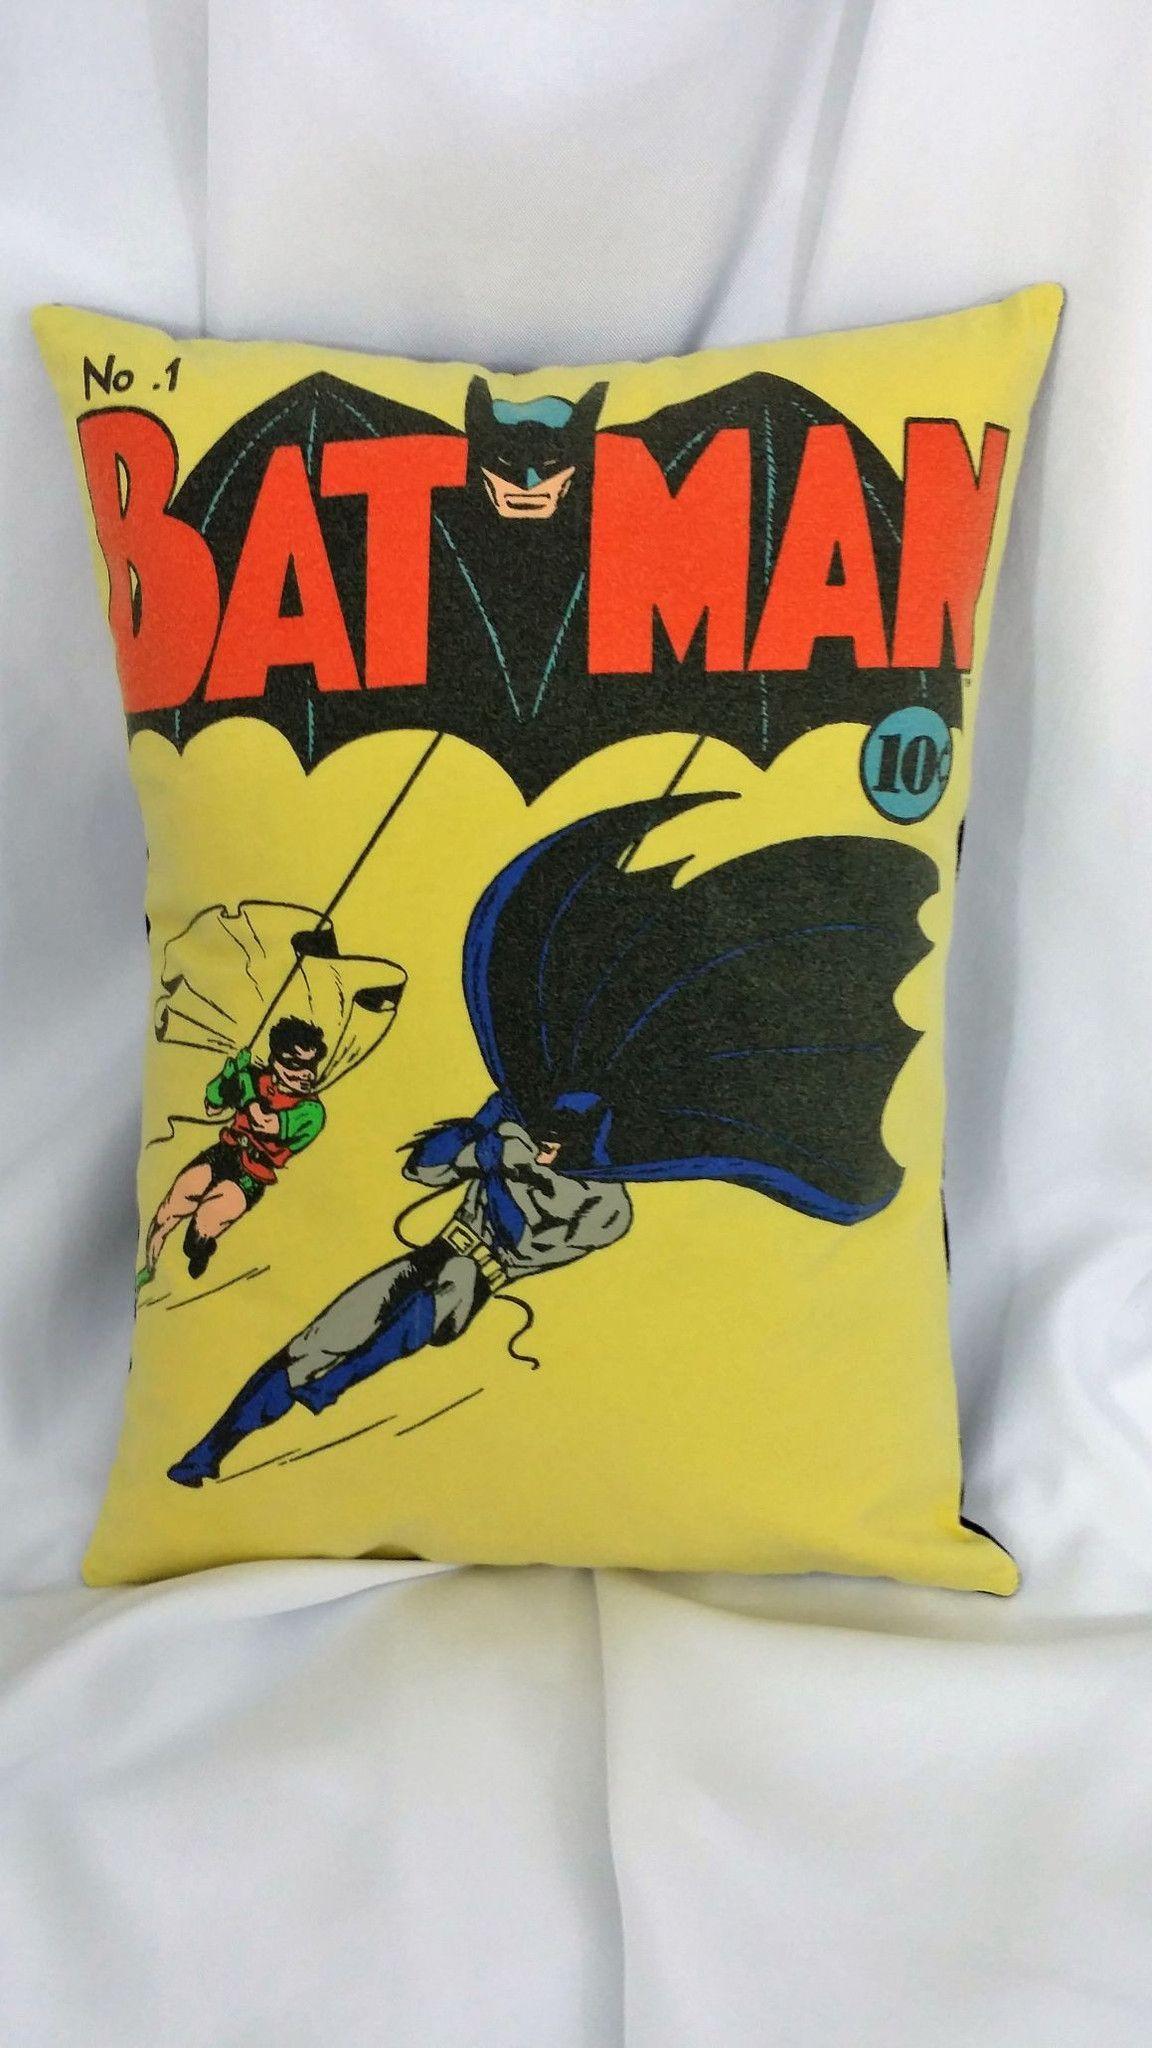 Design Comic Book Bedding batman 1940 comic no 1 tshirt made into a pillow cover book bedding